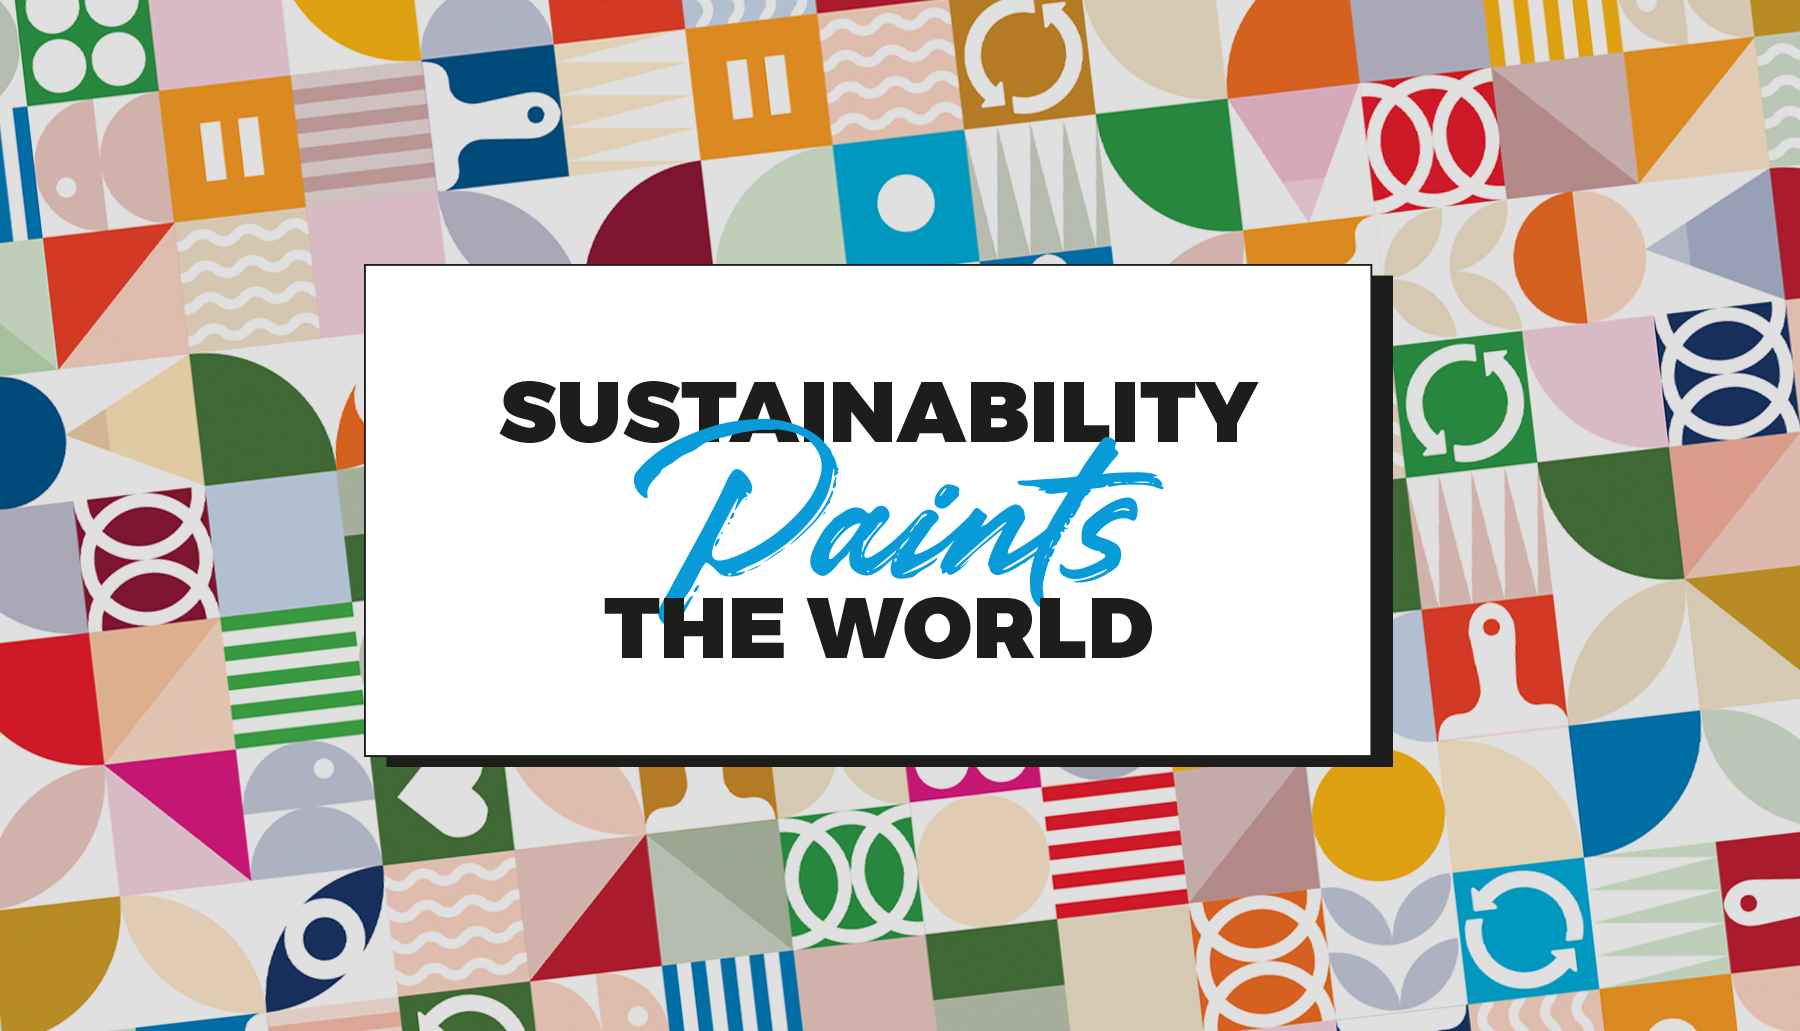 Wraz z One Works and Plinio il Giovane zwracamy uwagę opinii publicznej na różne aspekty zrównoważonego rozwoju!